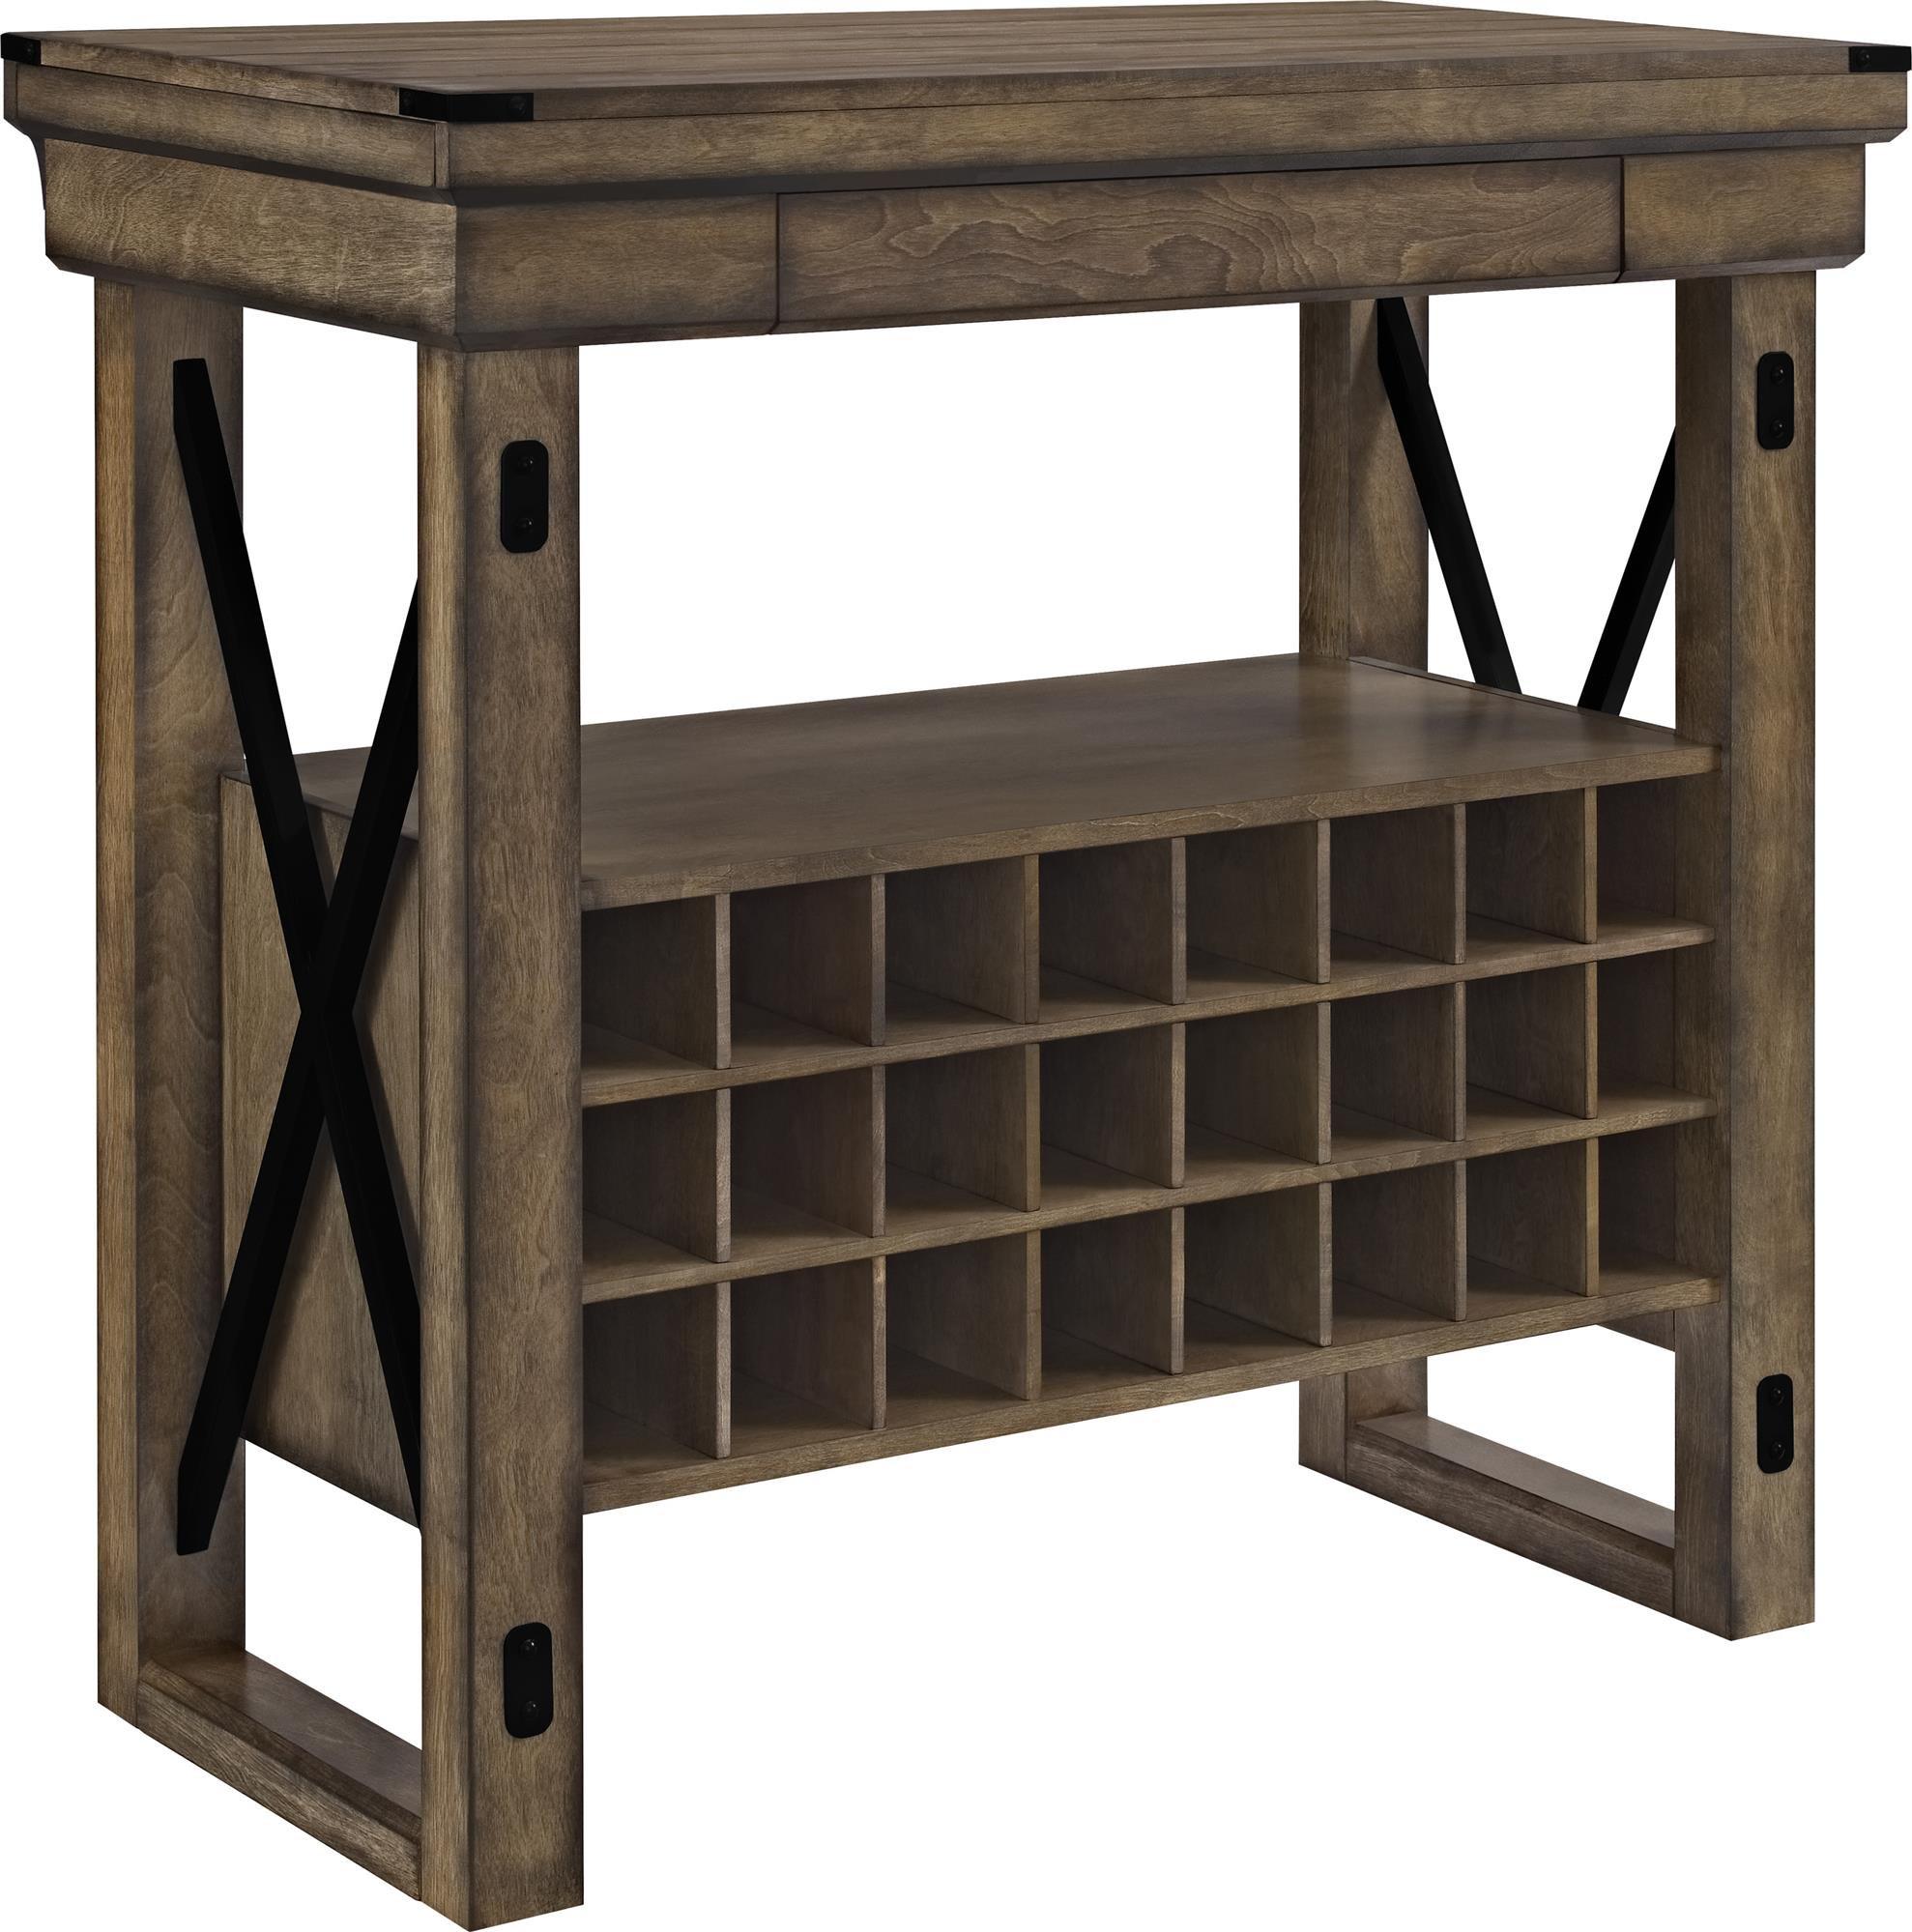 Altra Furniture Wildwood Wood Veneer Bar Cabinet, Rustic Gray